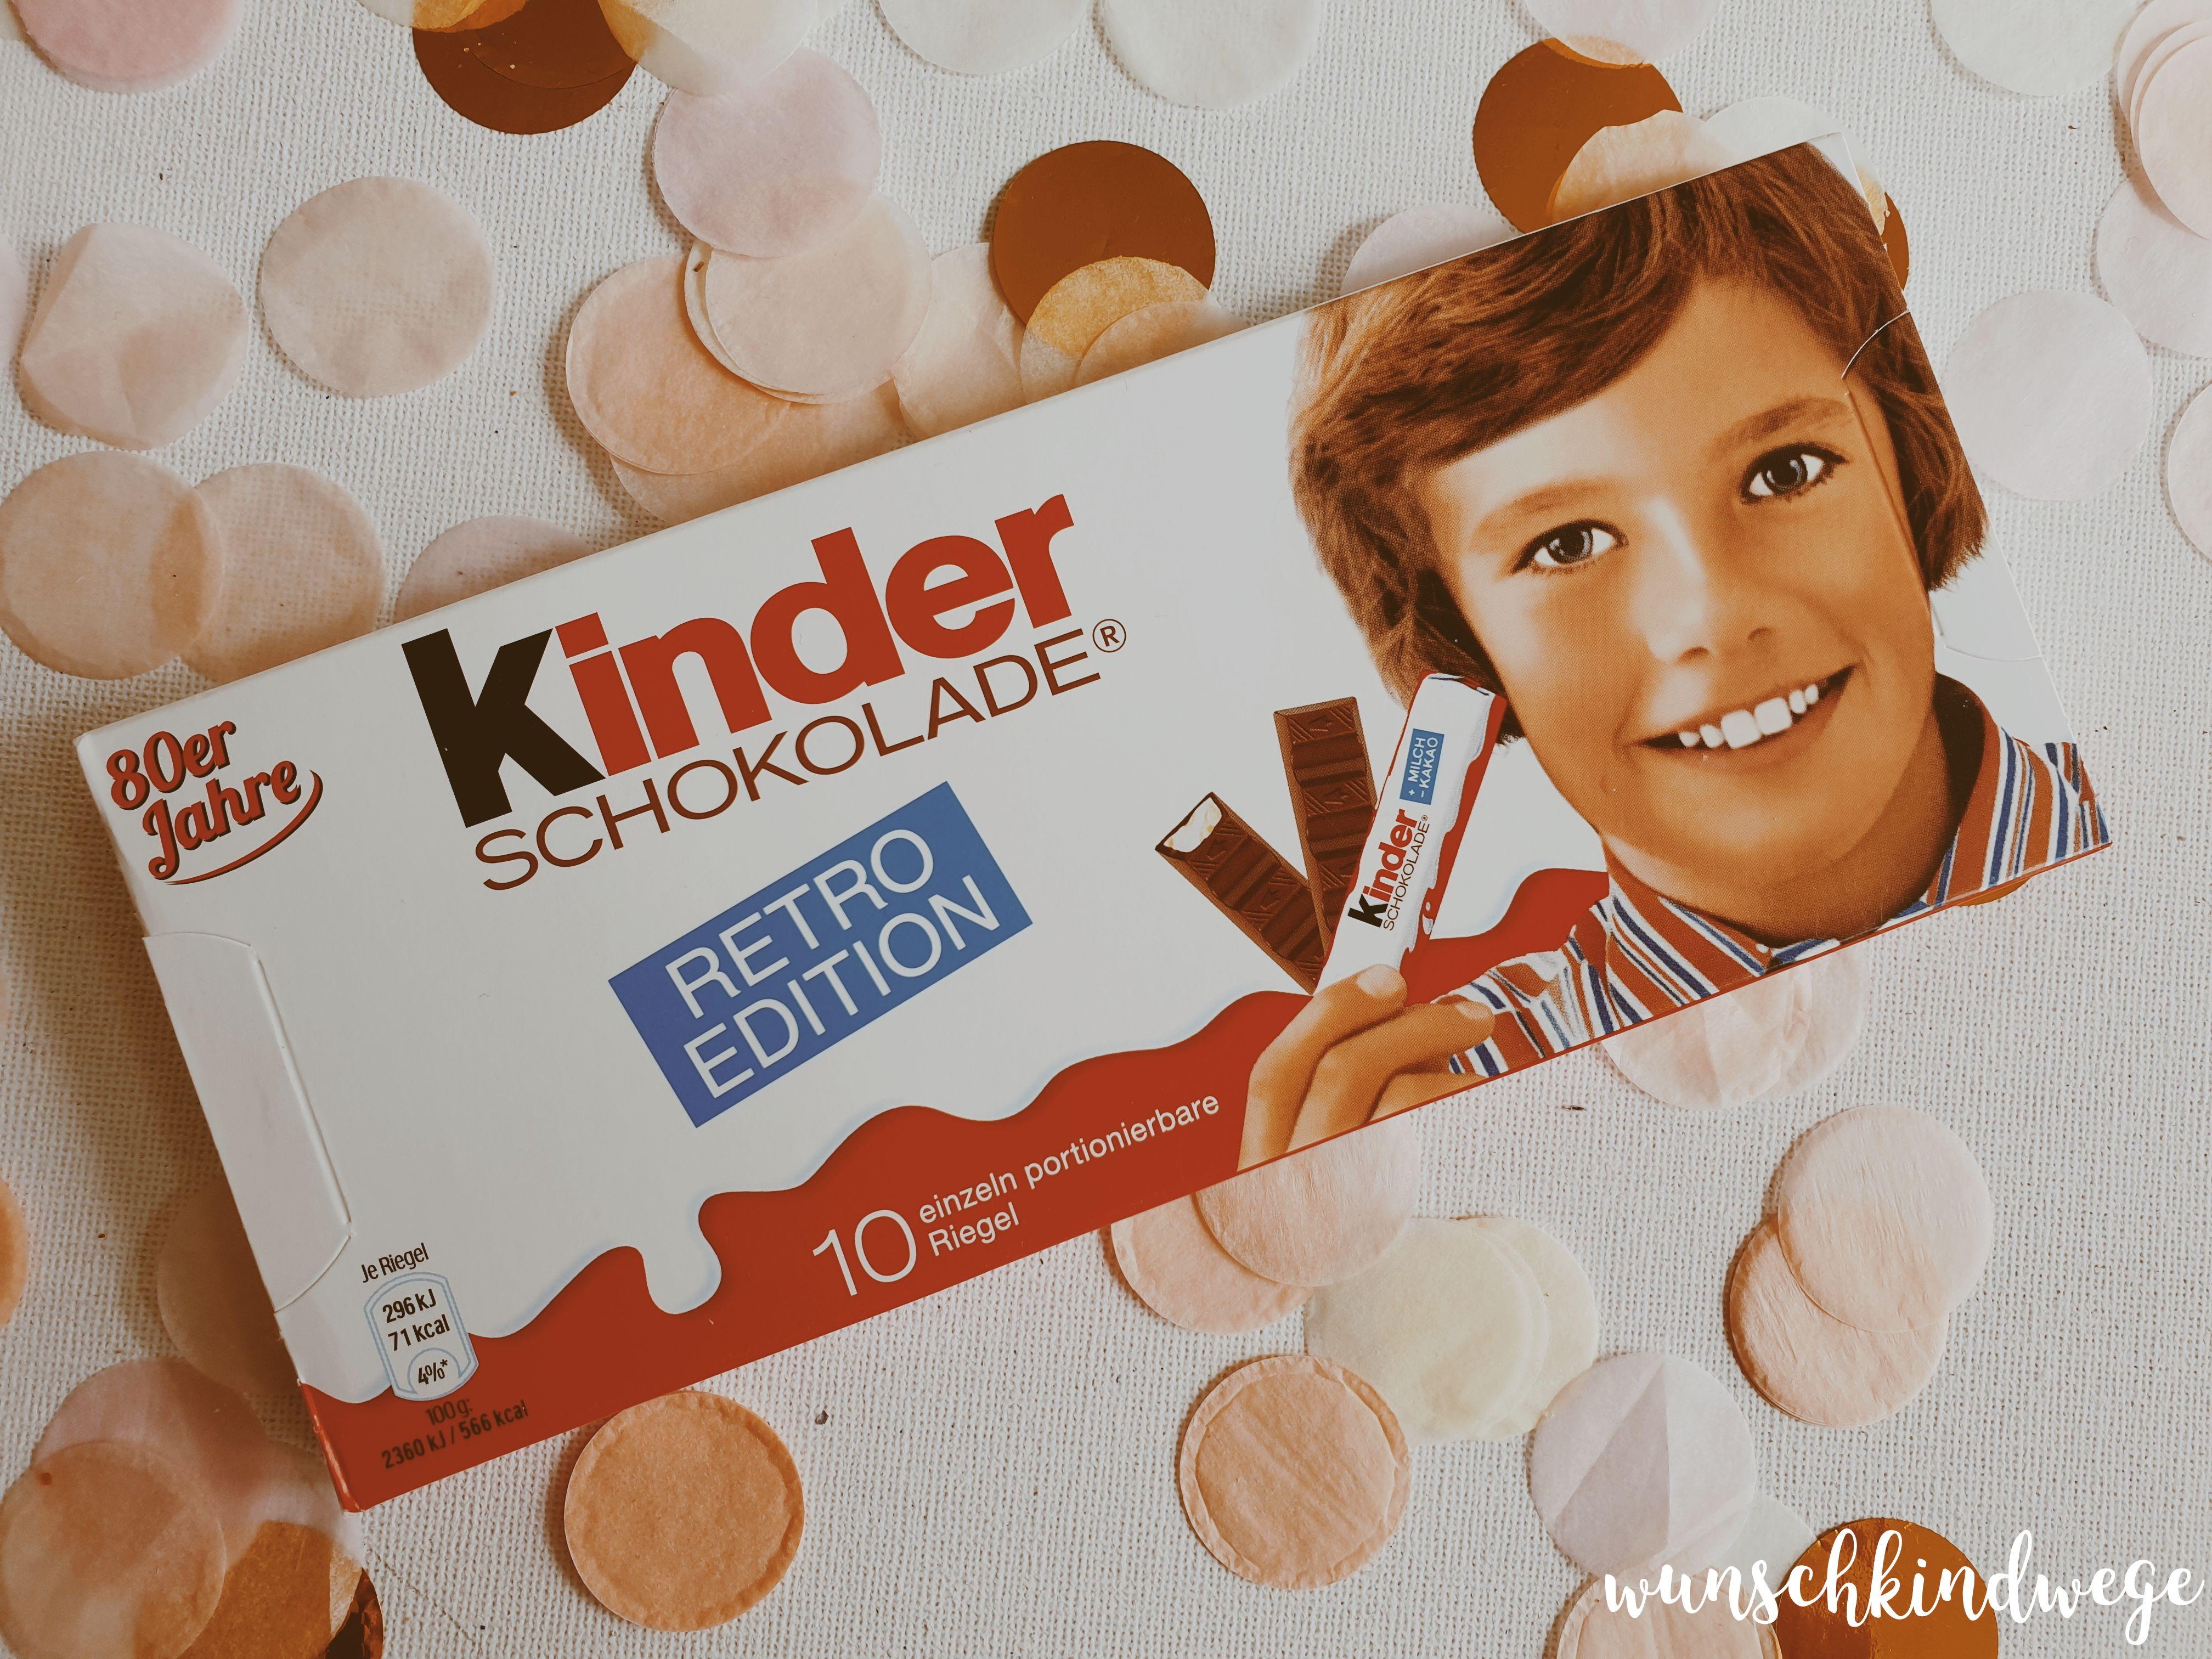 kinder Schokolade 80er Jahre